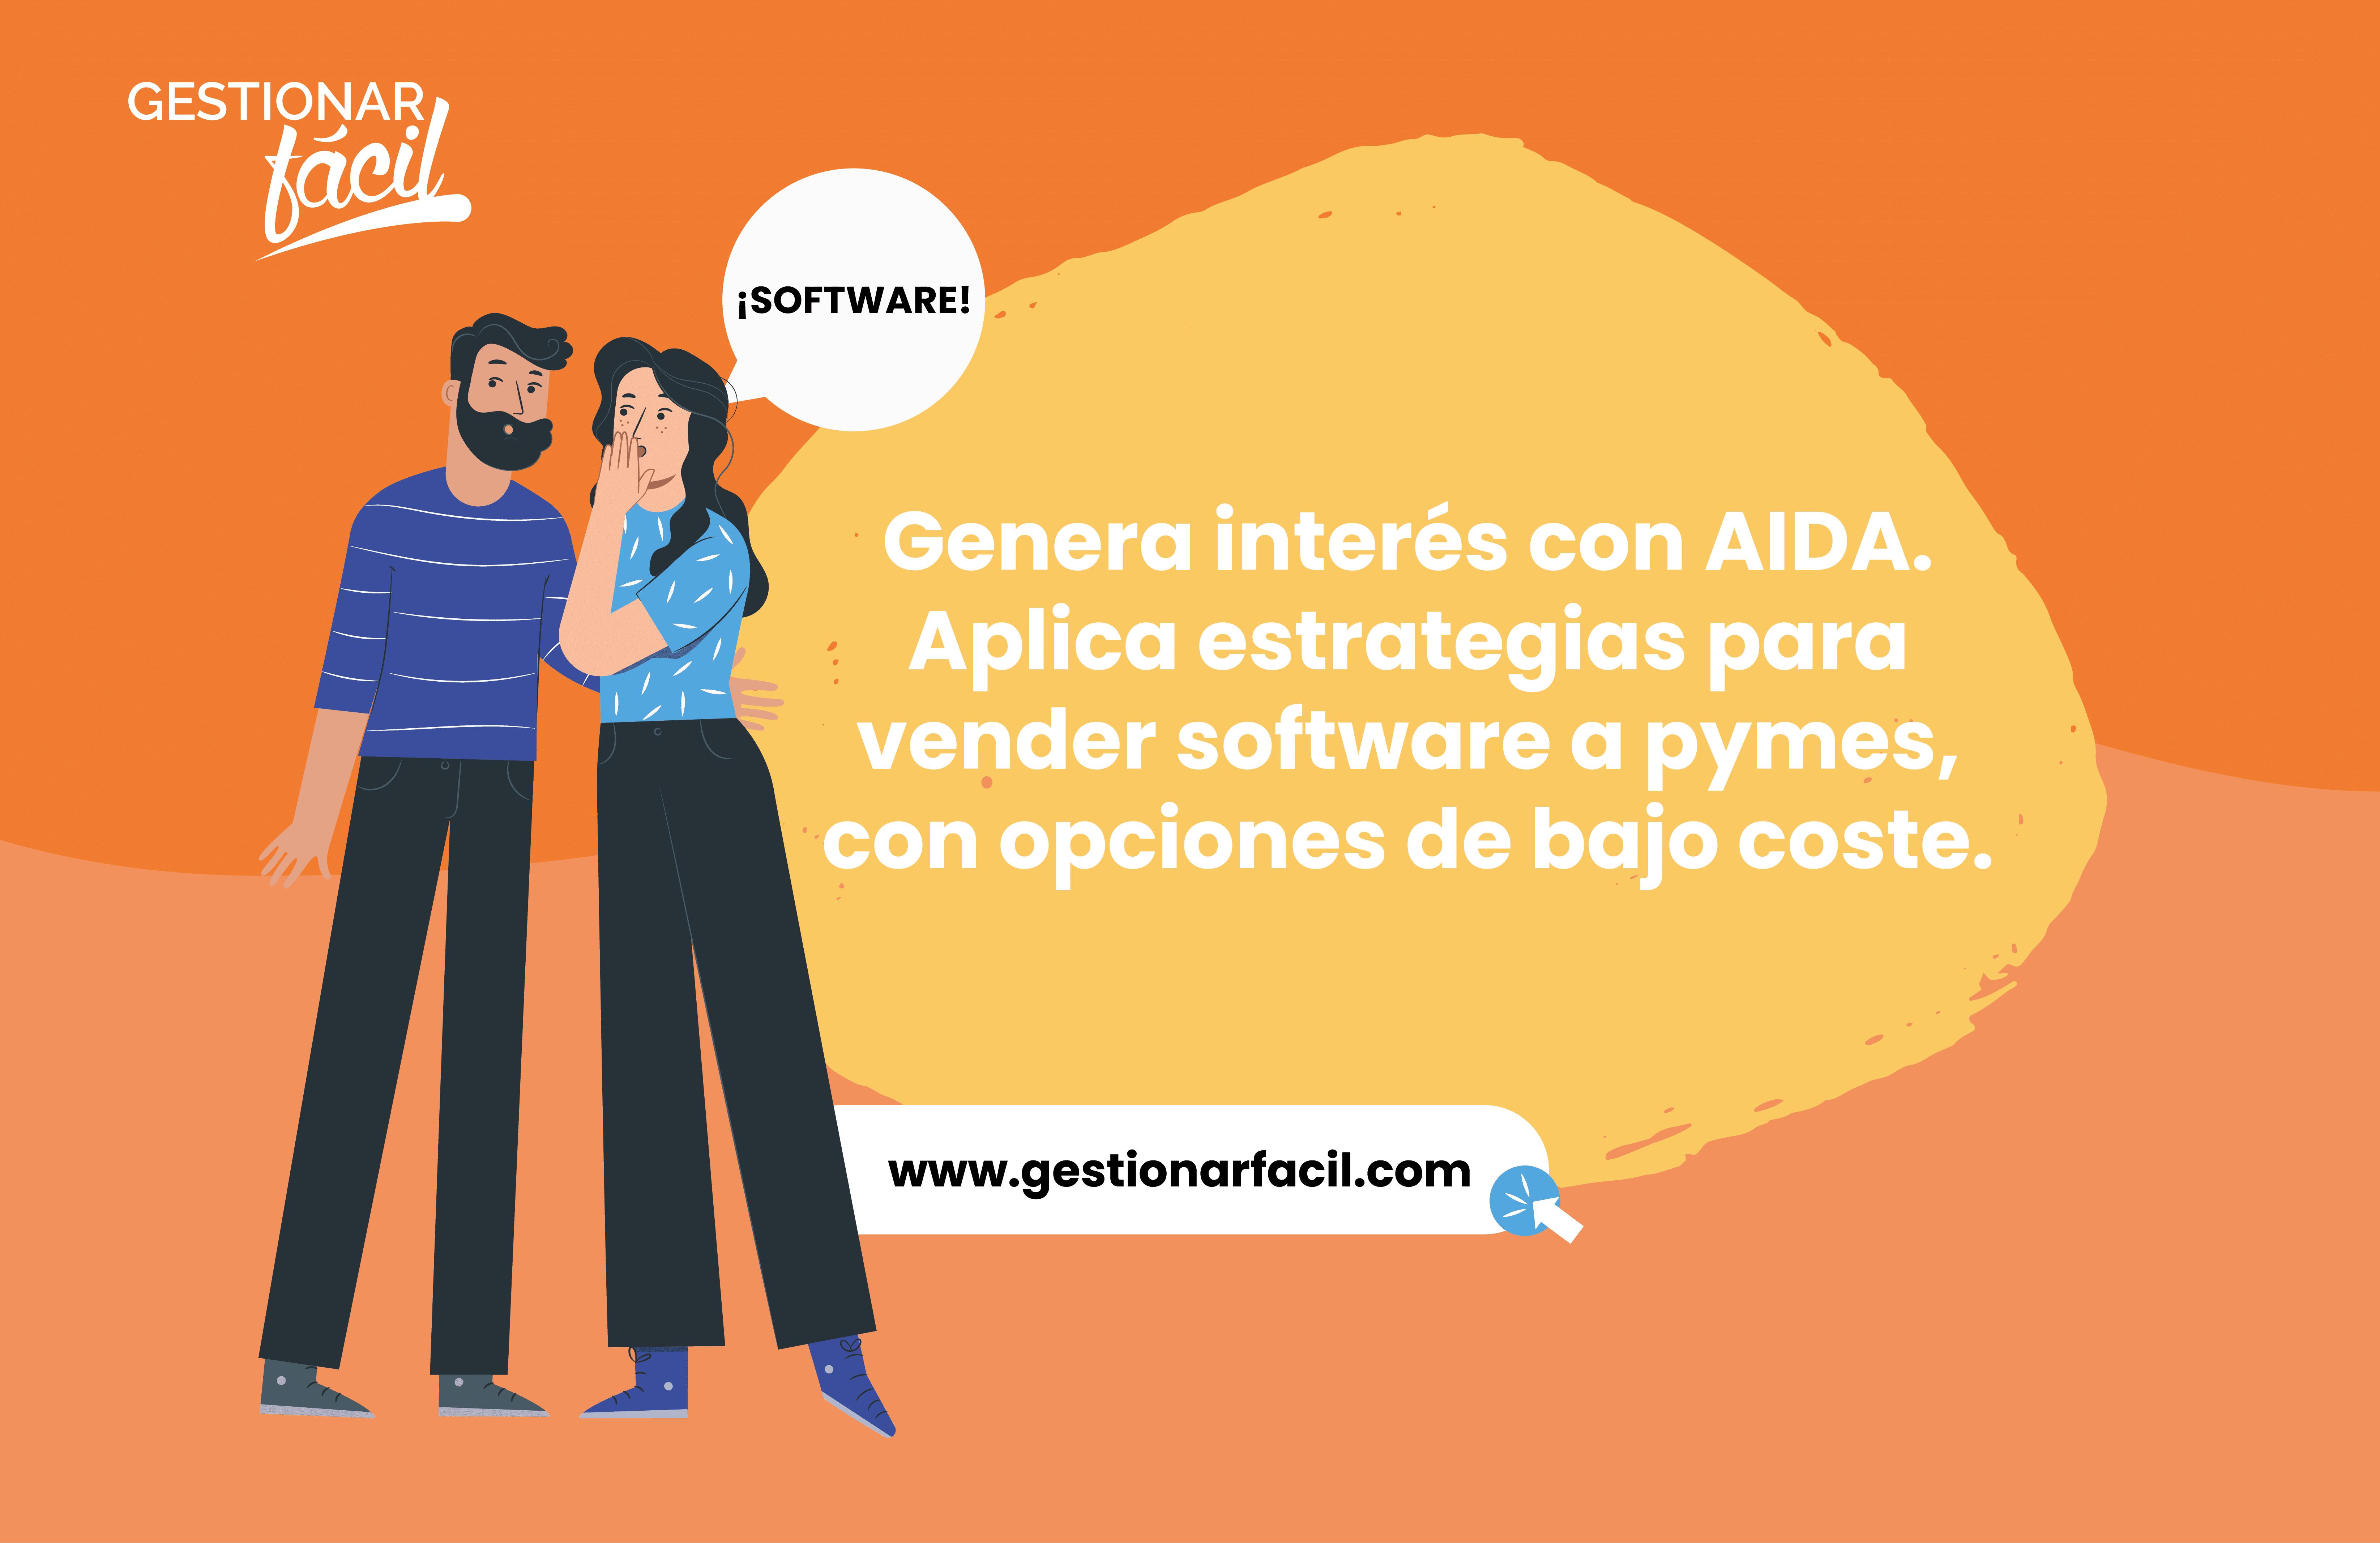 Genera interés con AIDA. Aplica estrategias para vender software a pymes, con opciones de bajo coste.